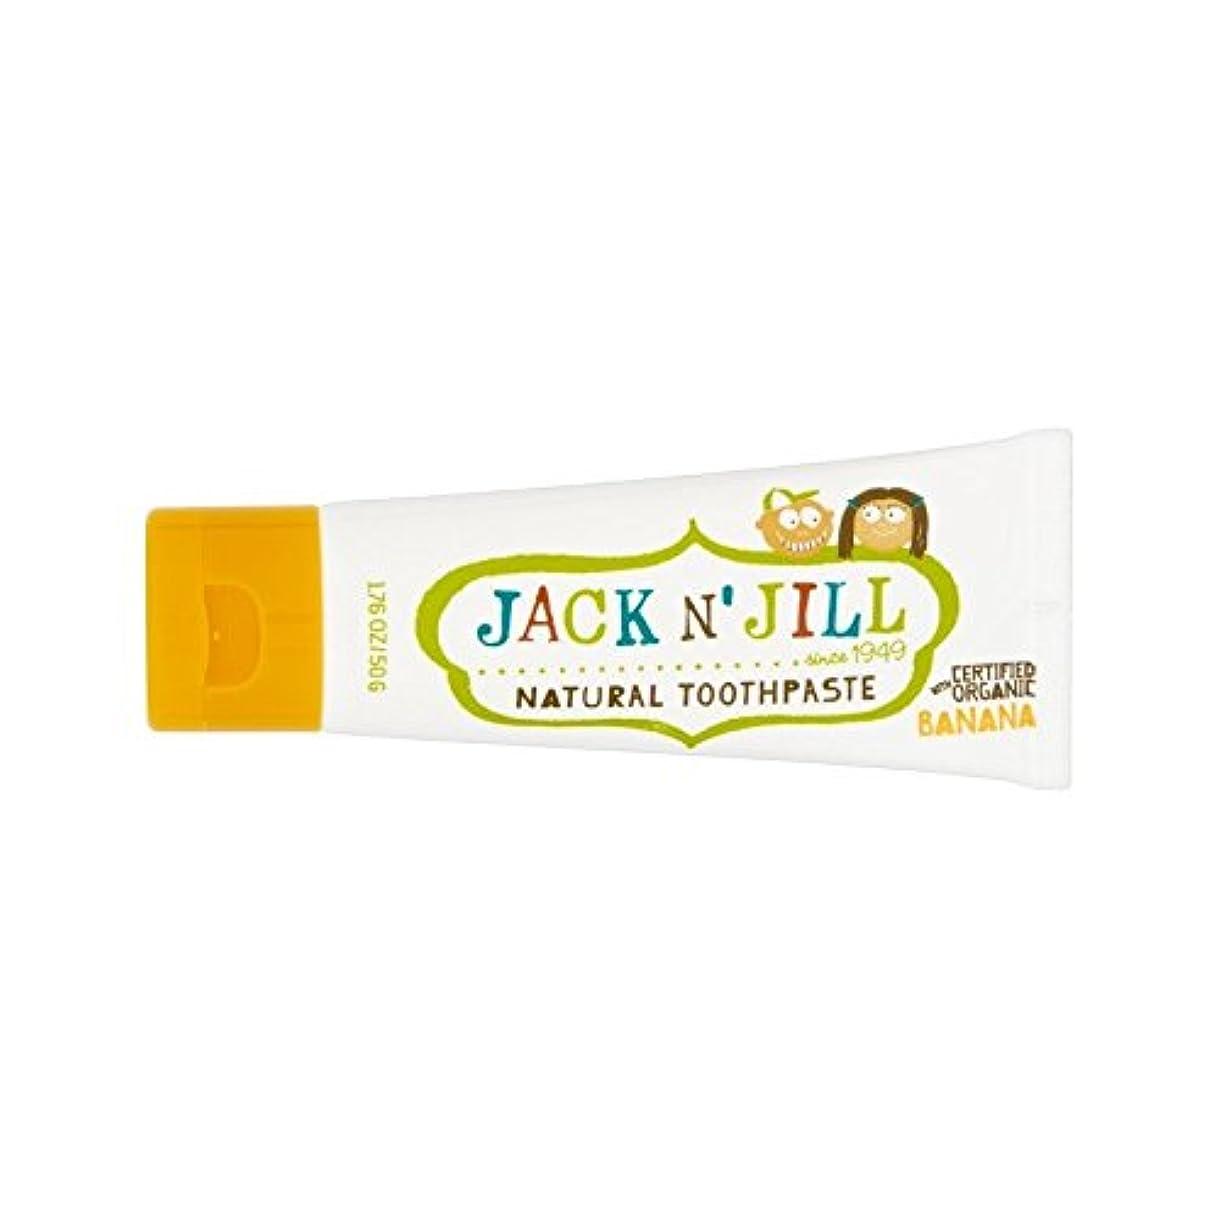 才能のある統計的靴下有機香味50グラムと自然バナナ歯磨き粉 (Jack N Jill) (x 2) - Jack N' Jill Banana Toothpaste Natural with Organic Flavouring 50g (...